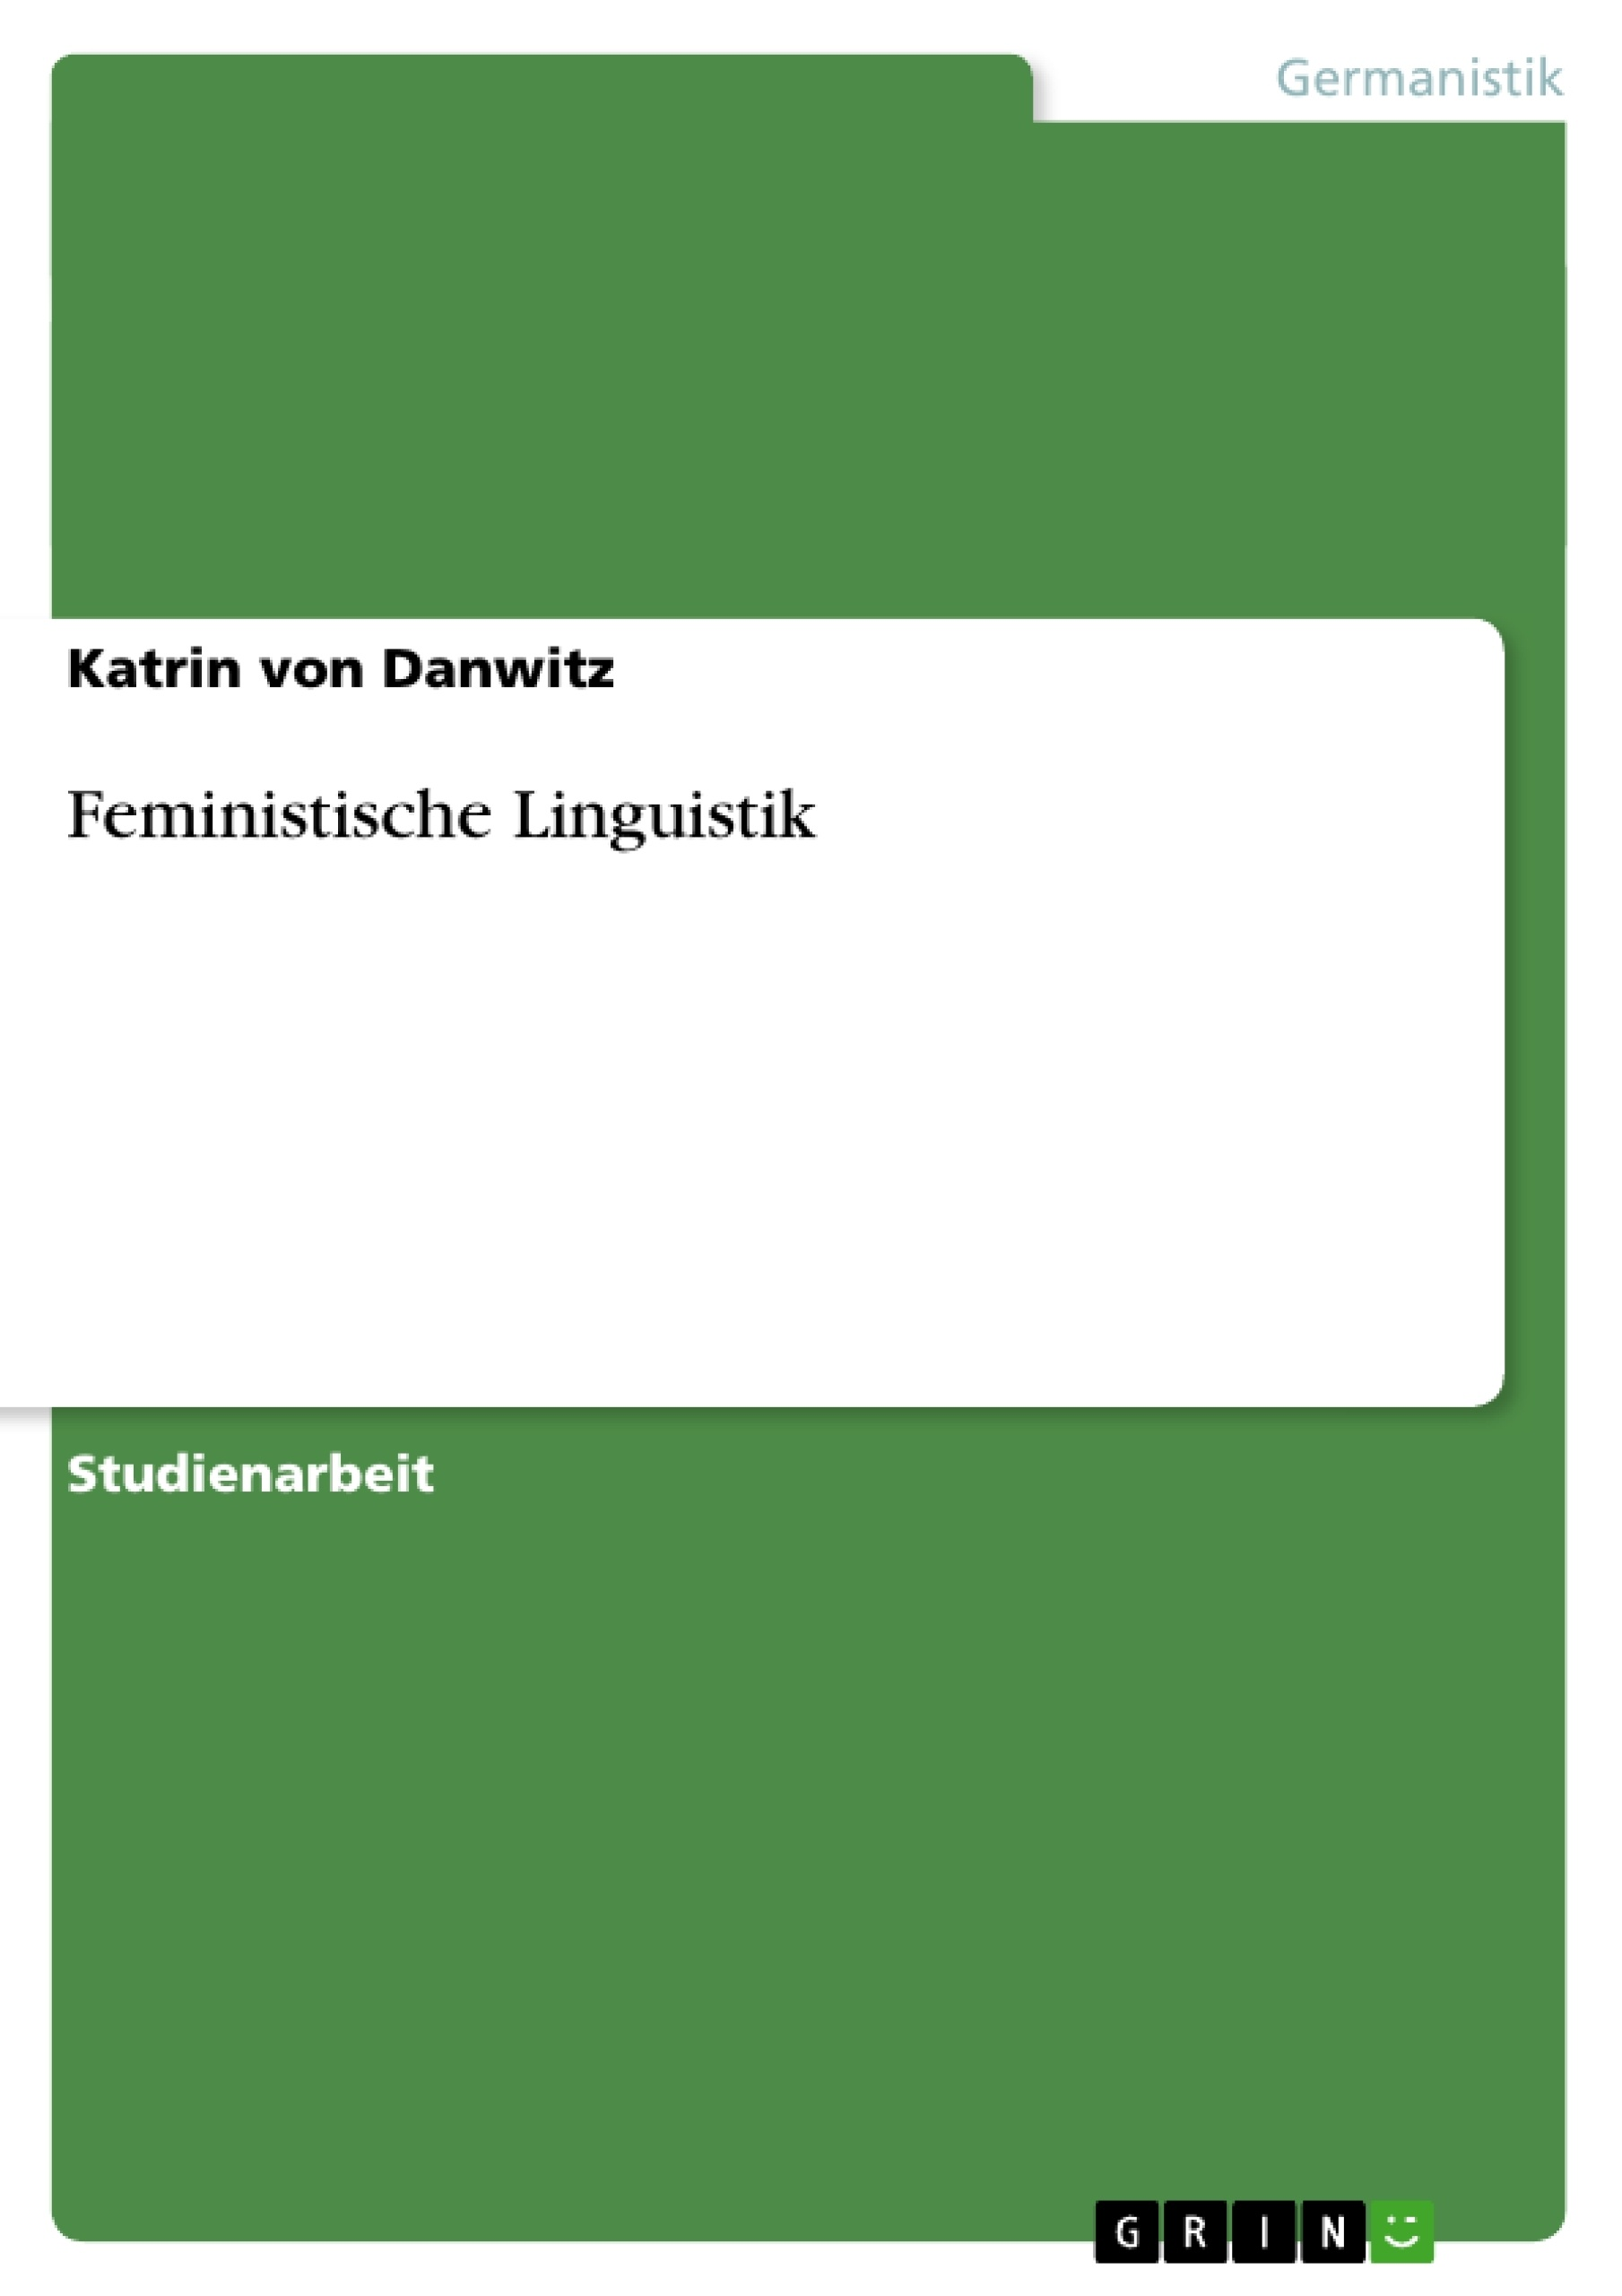 Titel: Feministische Linguistik